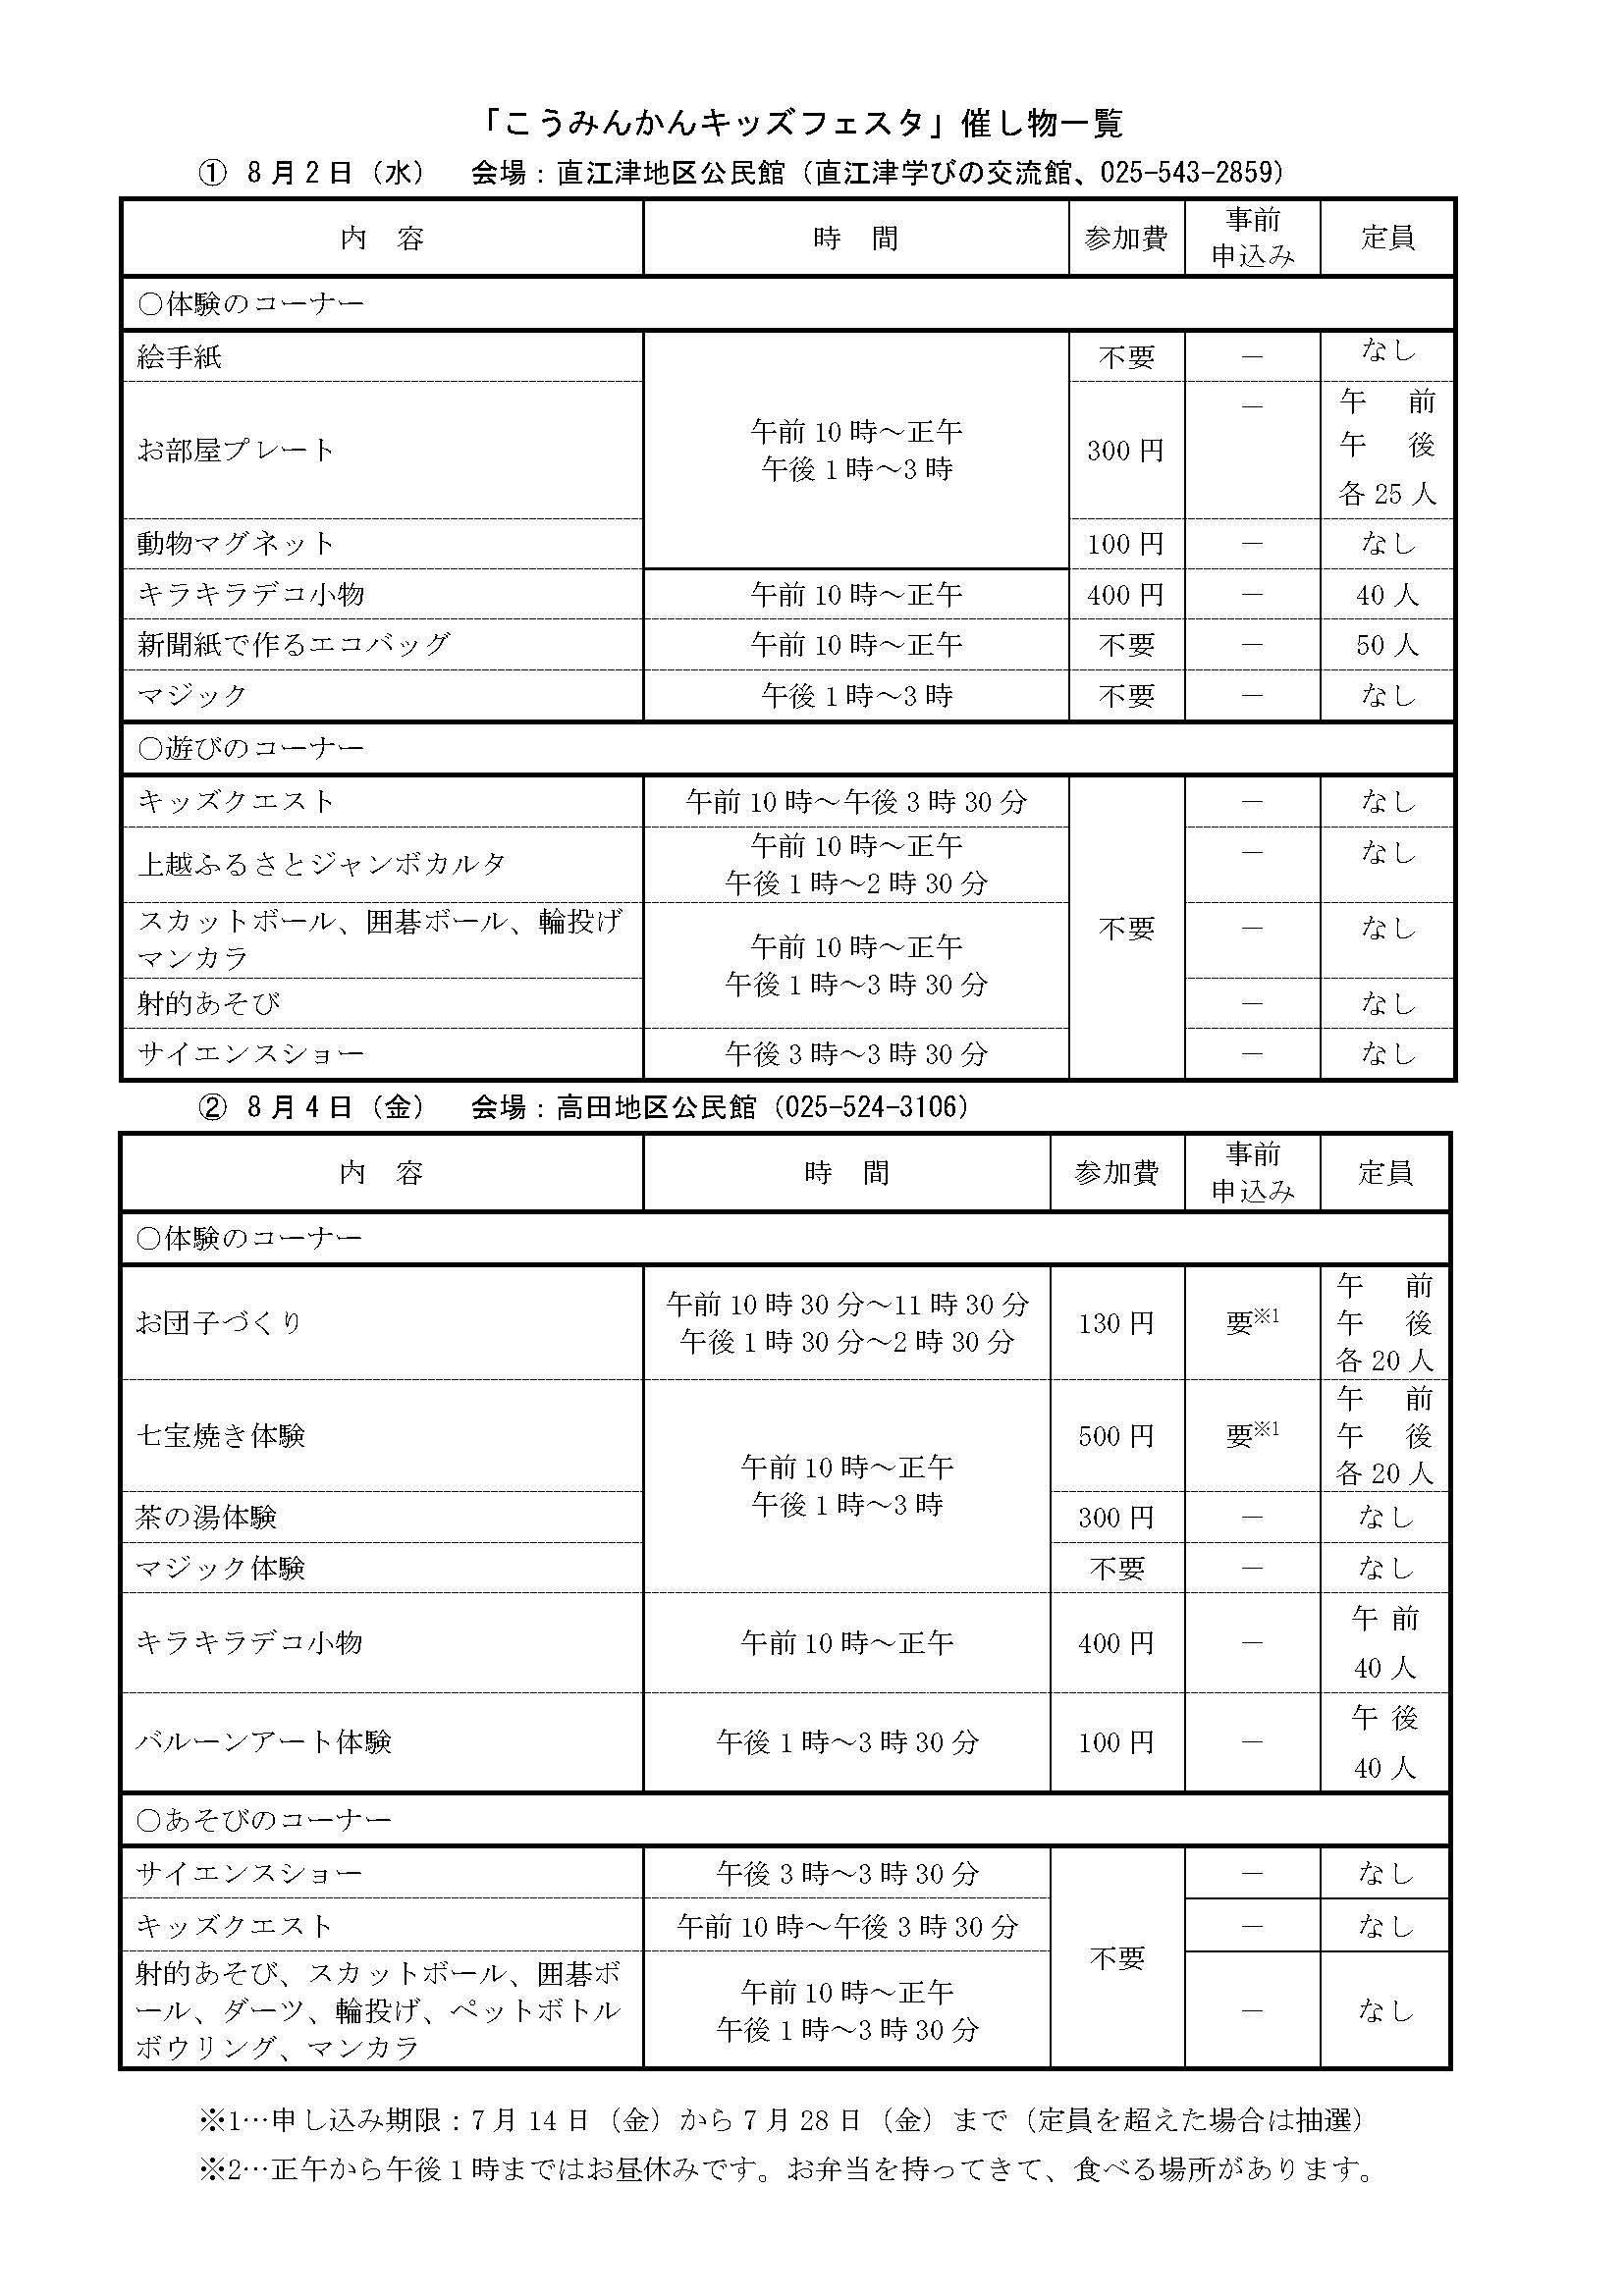 08-2+別紙